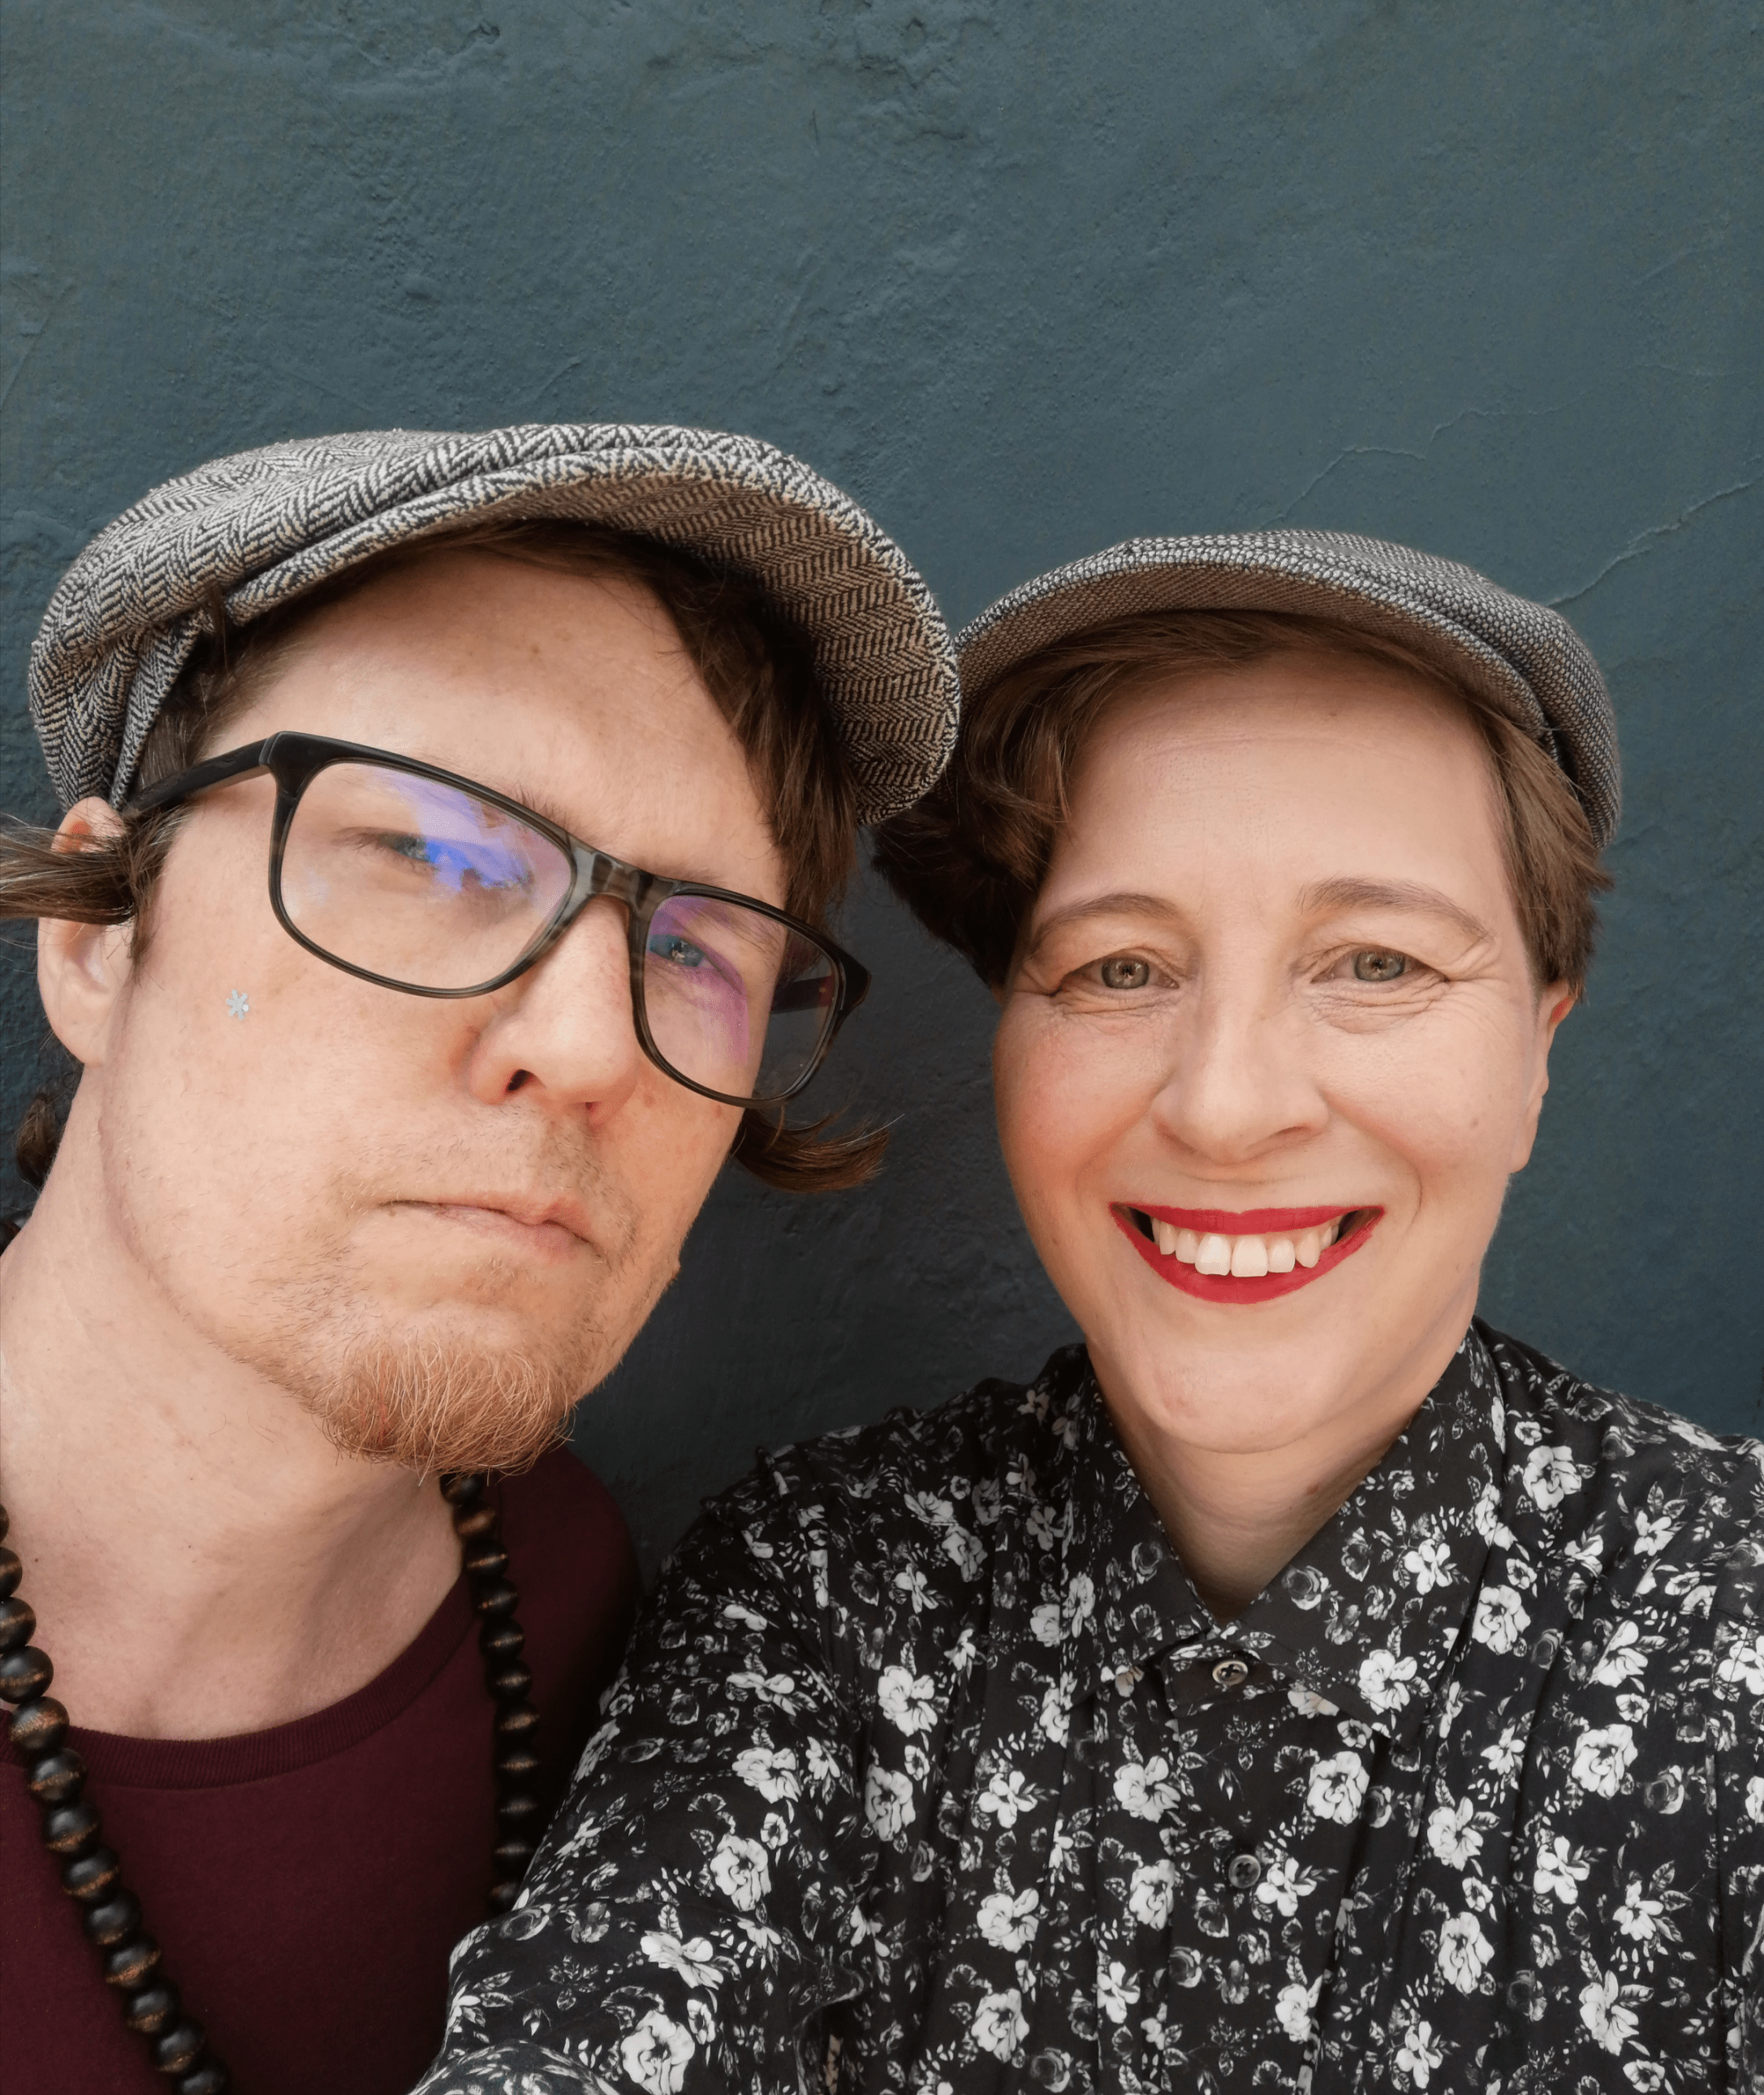 Hombre y mujer con gorra miran a la camara